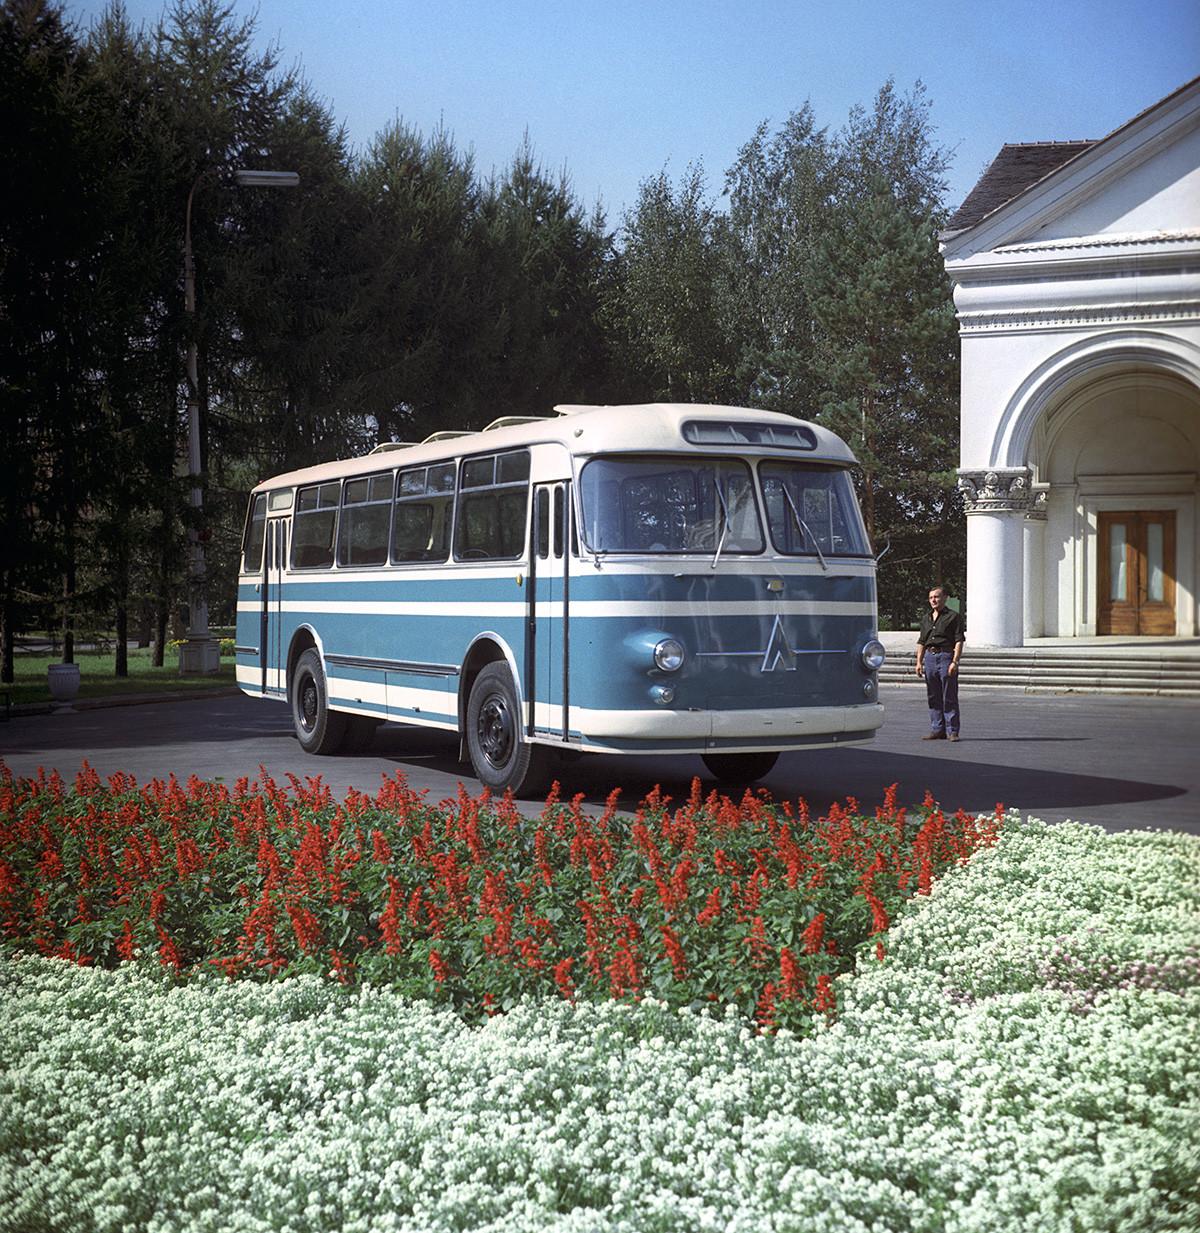 Sowjetischer LAZ-697 Bus aus dem Werk Lwiw, 1970